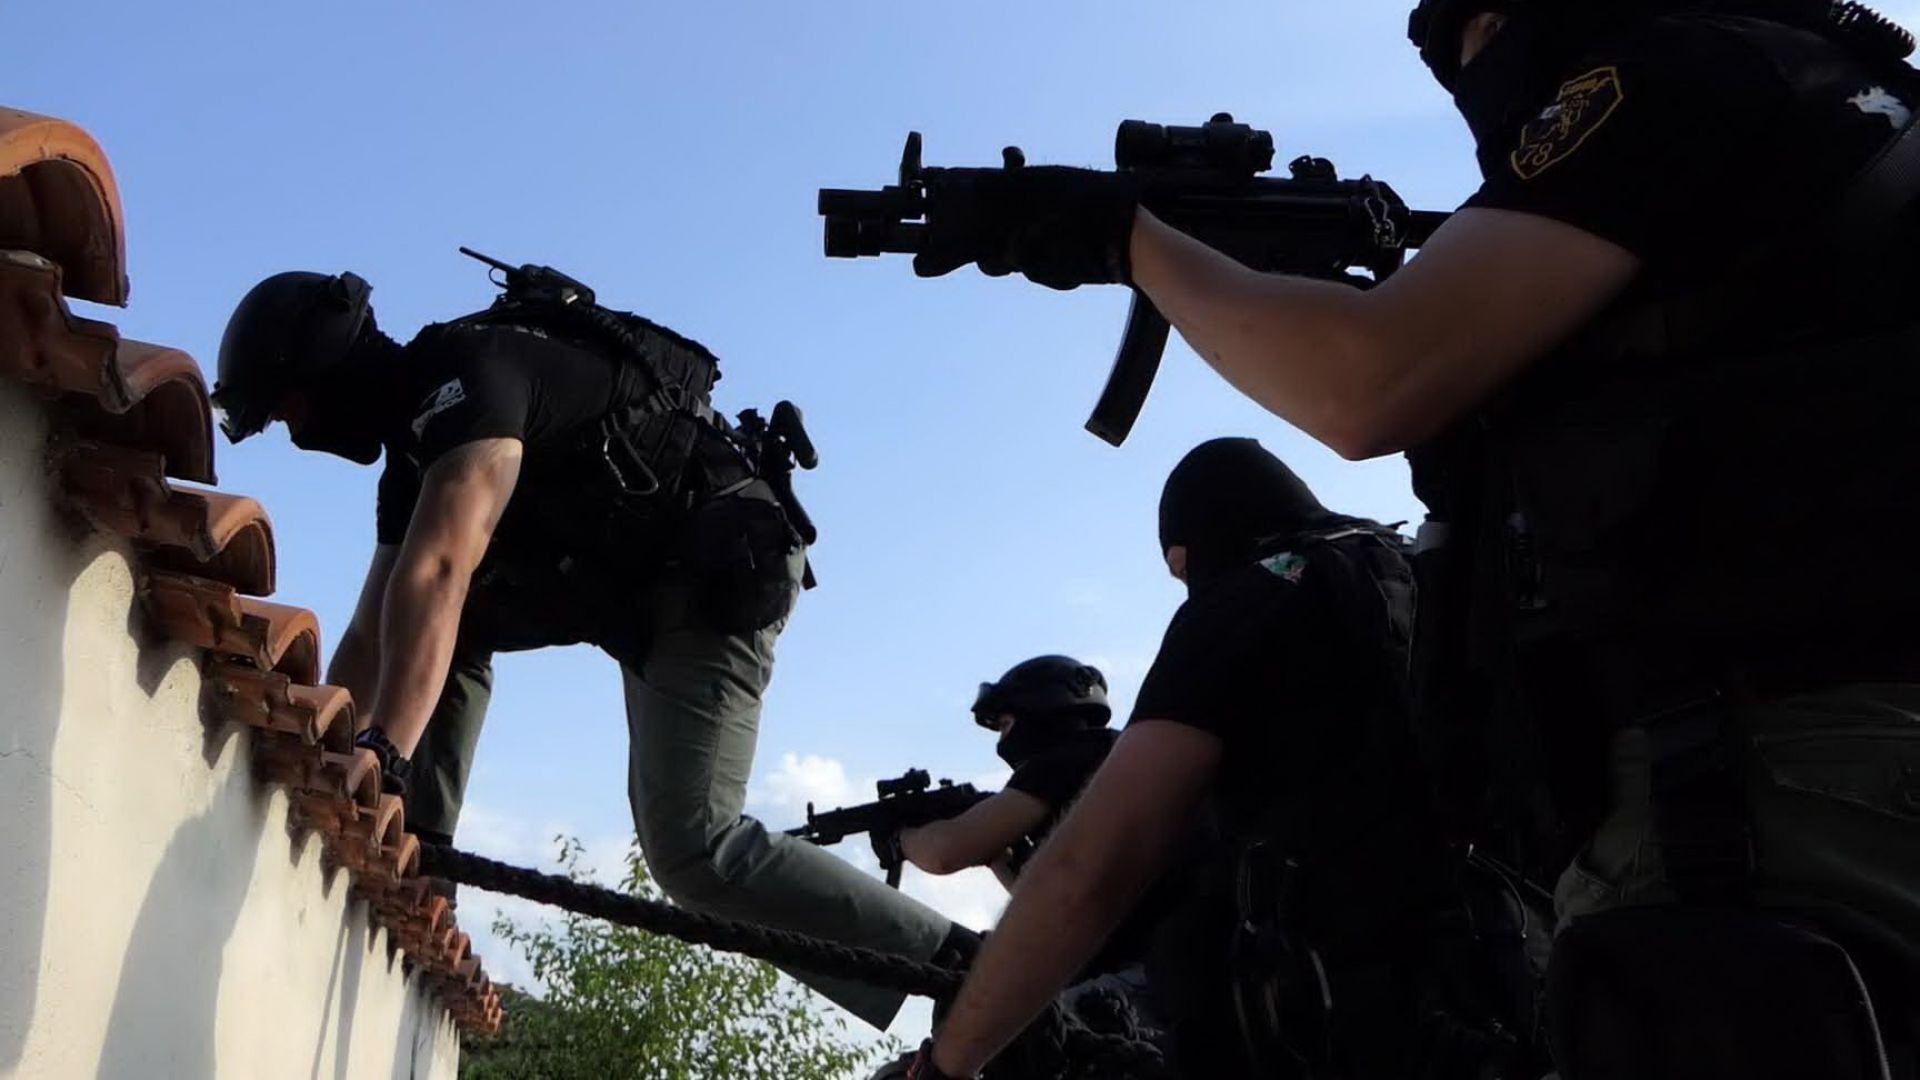 ГДБОП задържа 4-ма педофили след сигнал от Департамента за вътрешна сигурност на САЩ